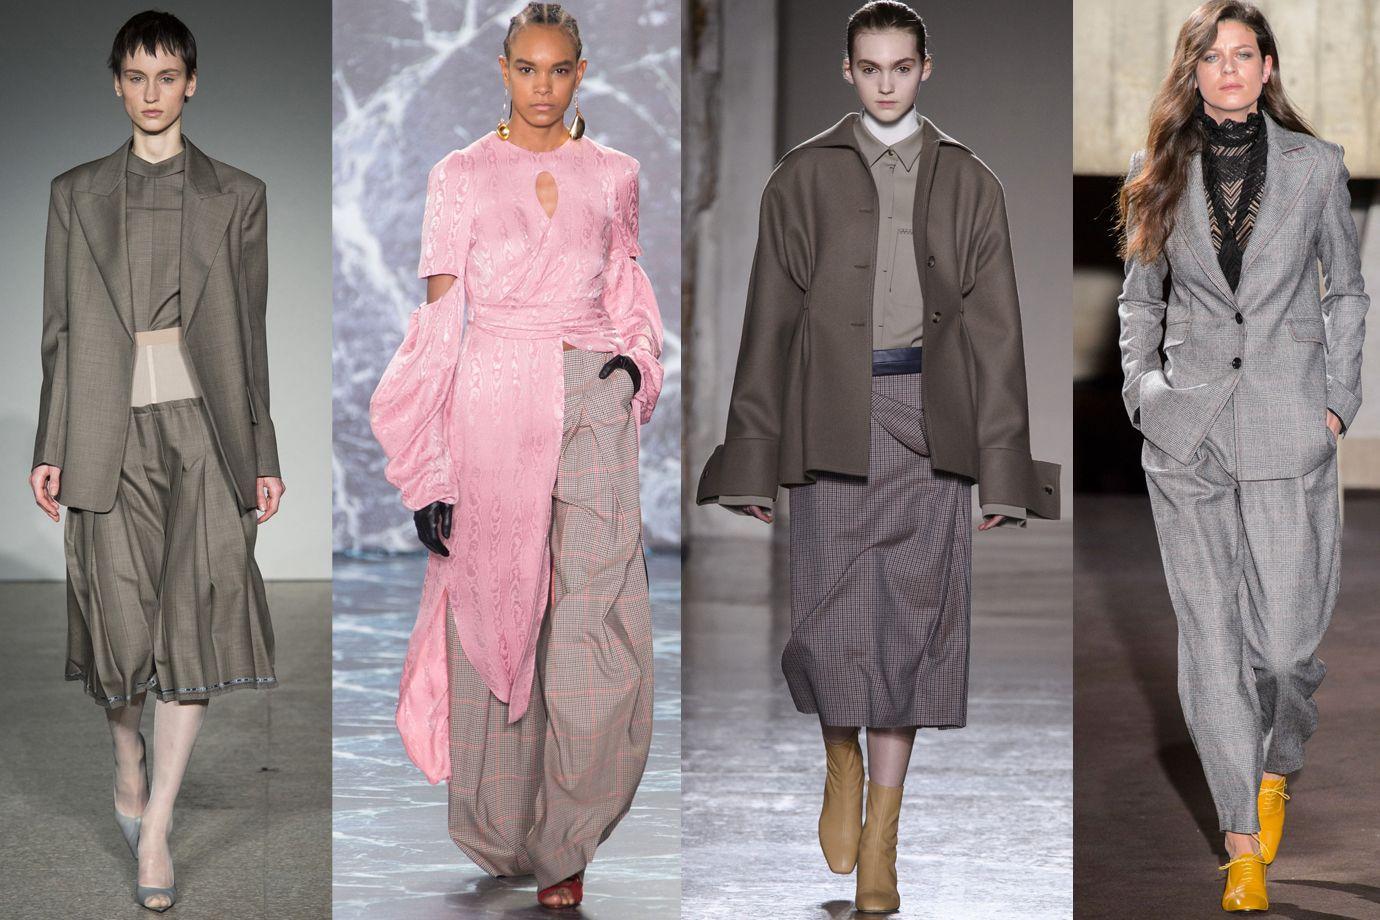 Gonne 2018 Le Autunno E I Pantaloni Moda Inverno 2019 8nm0wN